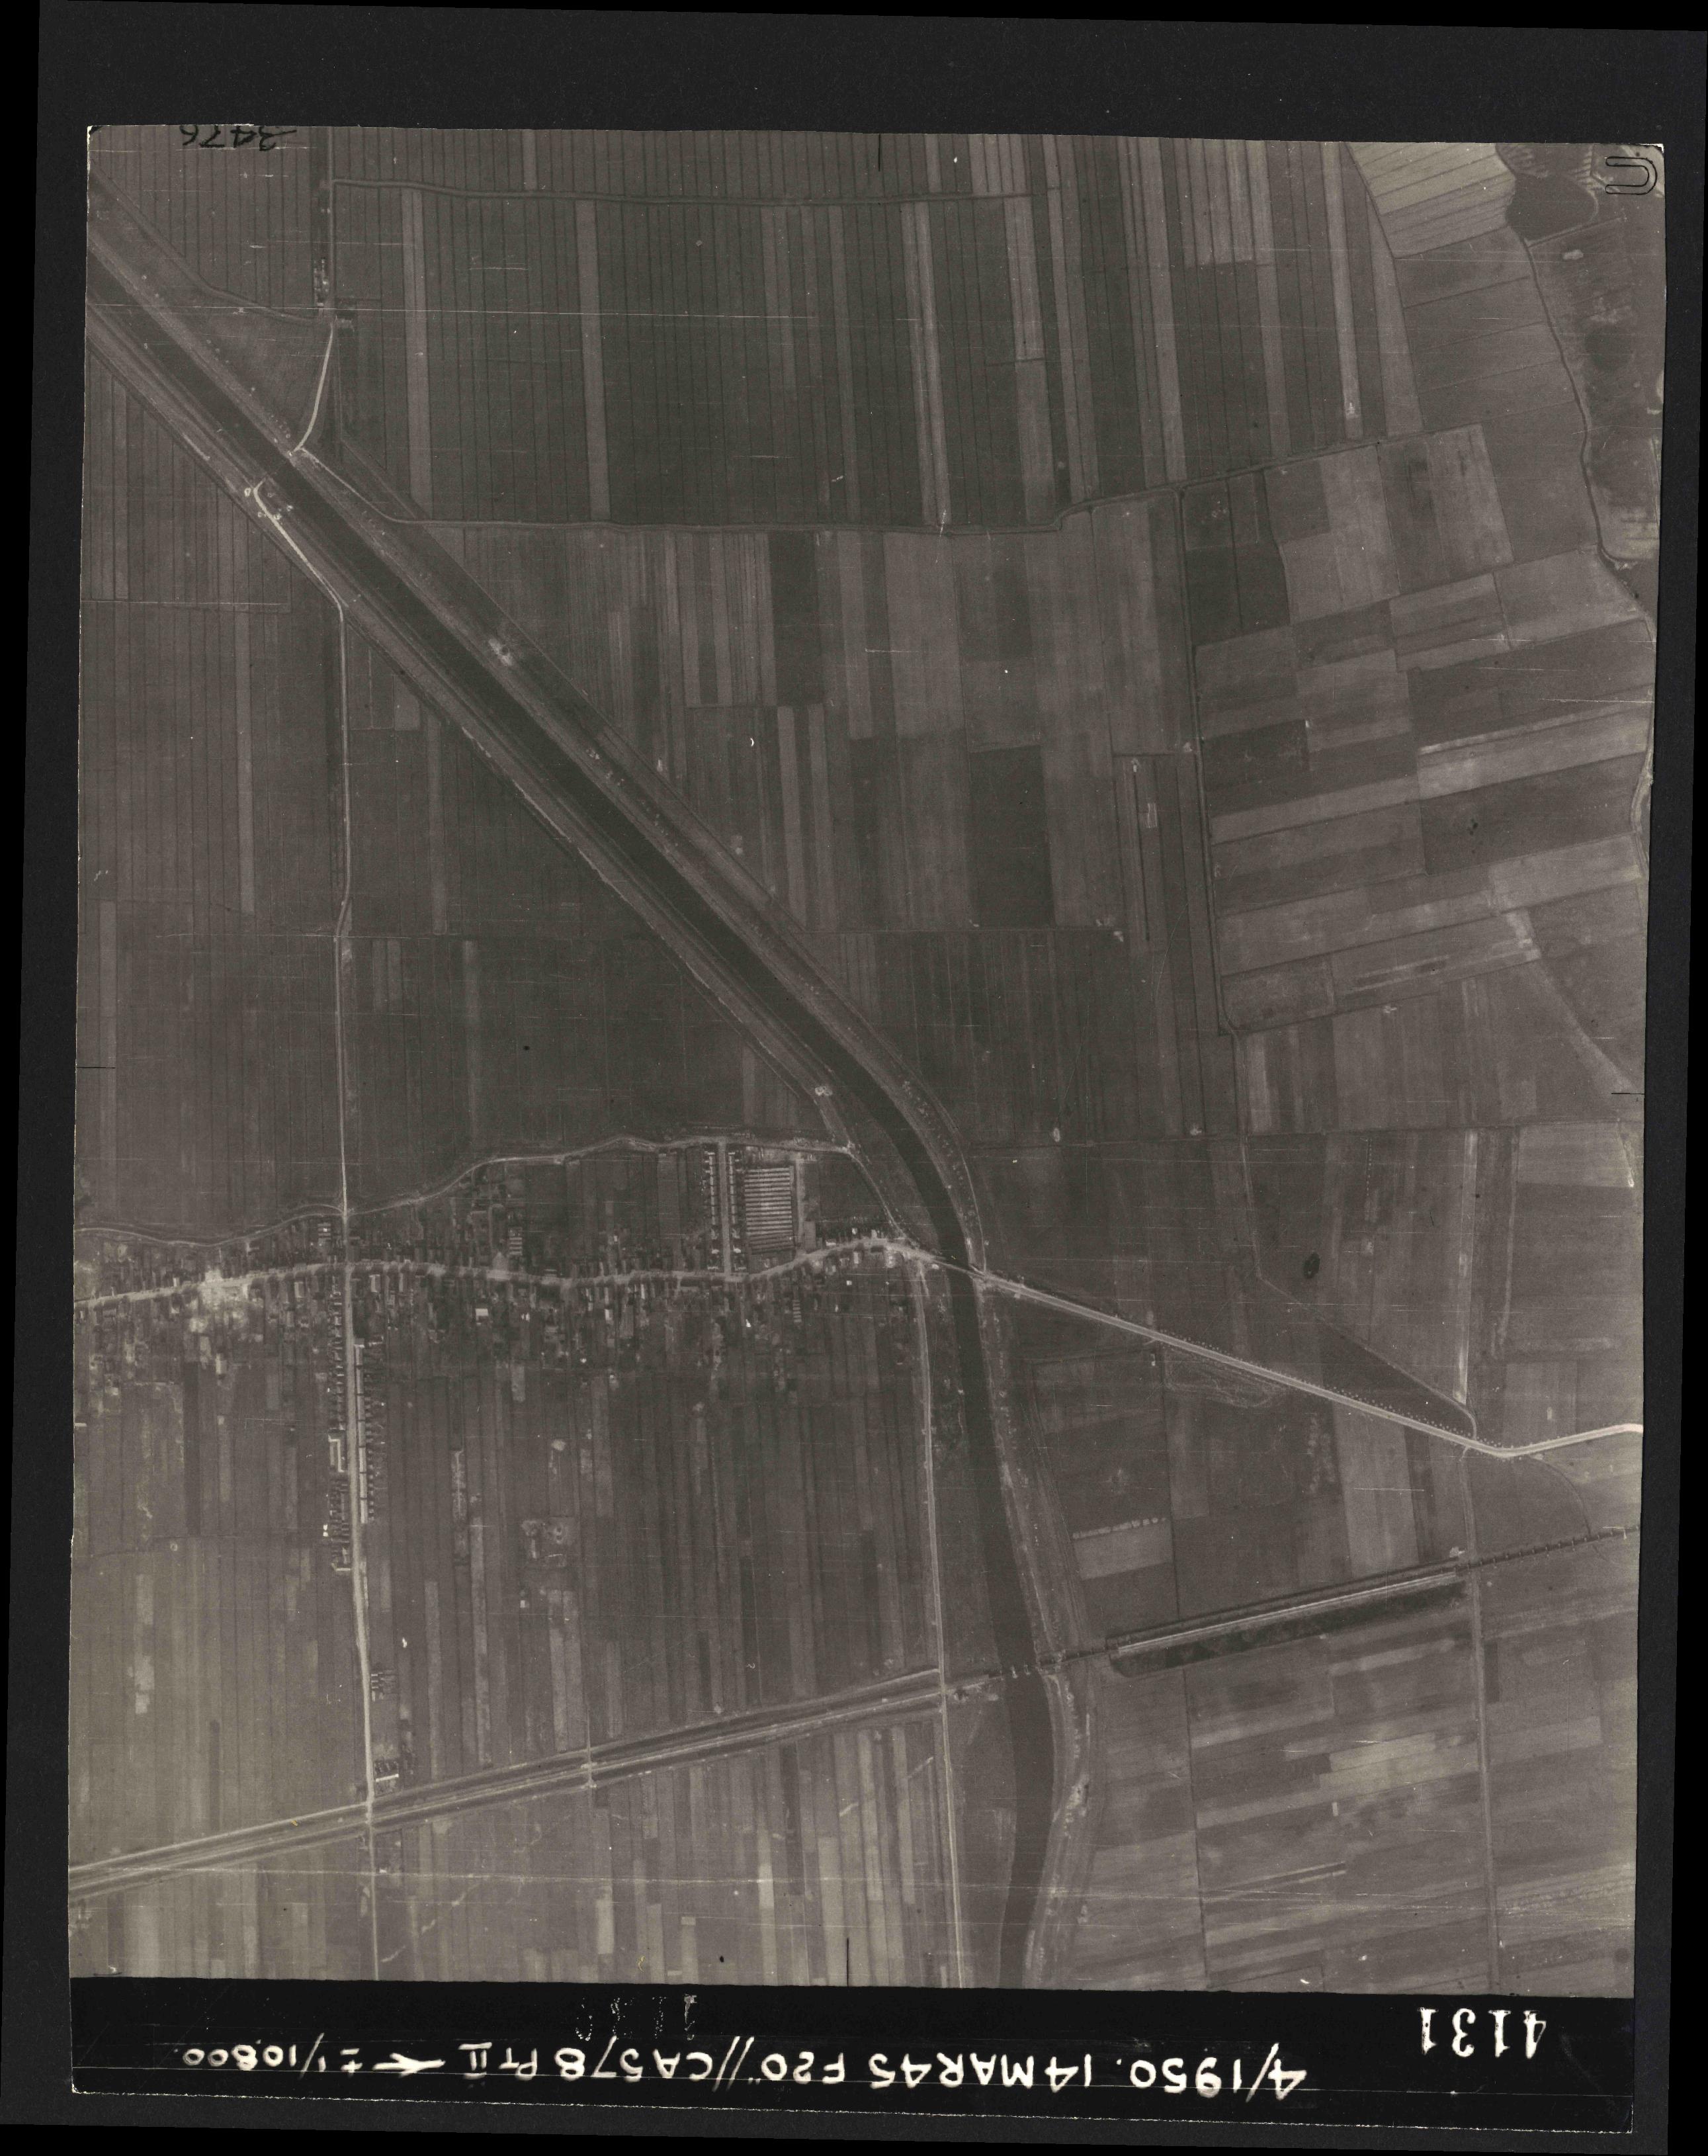 Collection RAF aerial photos 1940-1945 - flight 010, run 10, photo 4131